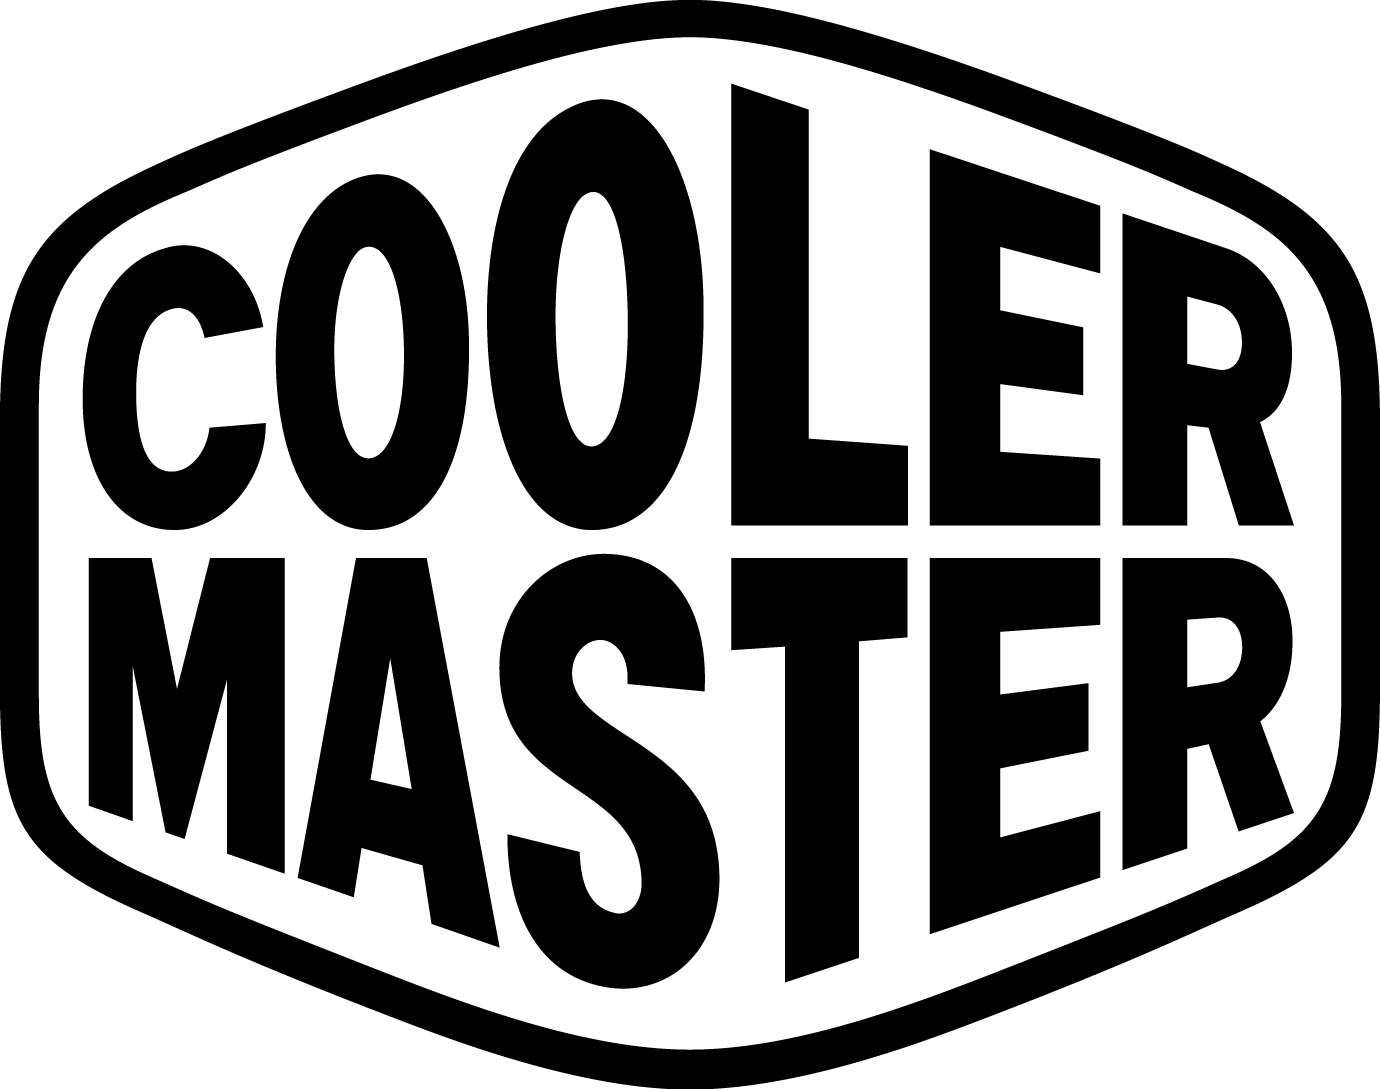 Cooler Master Logo png